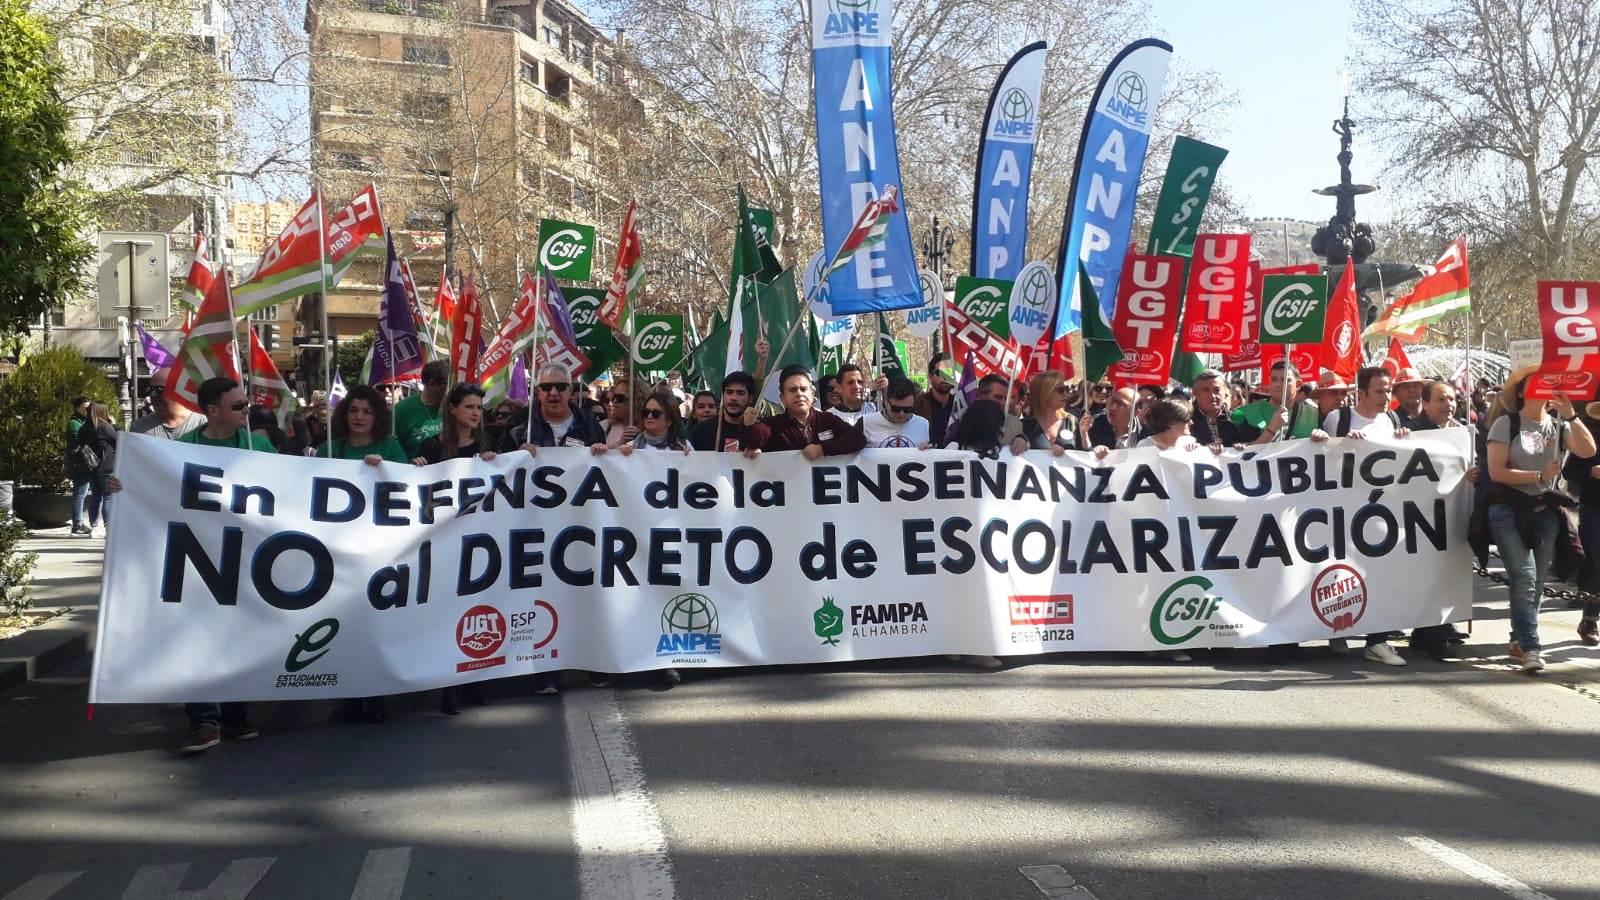 La Comunidad Educativa se moviliza y secunda la huelga en defensa de la enseñanza pública